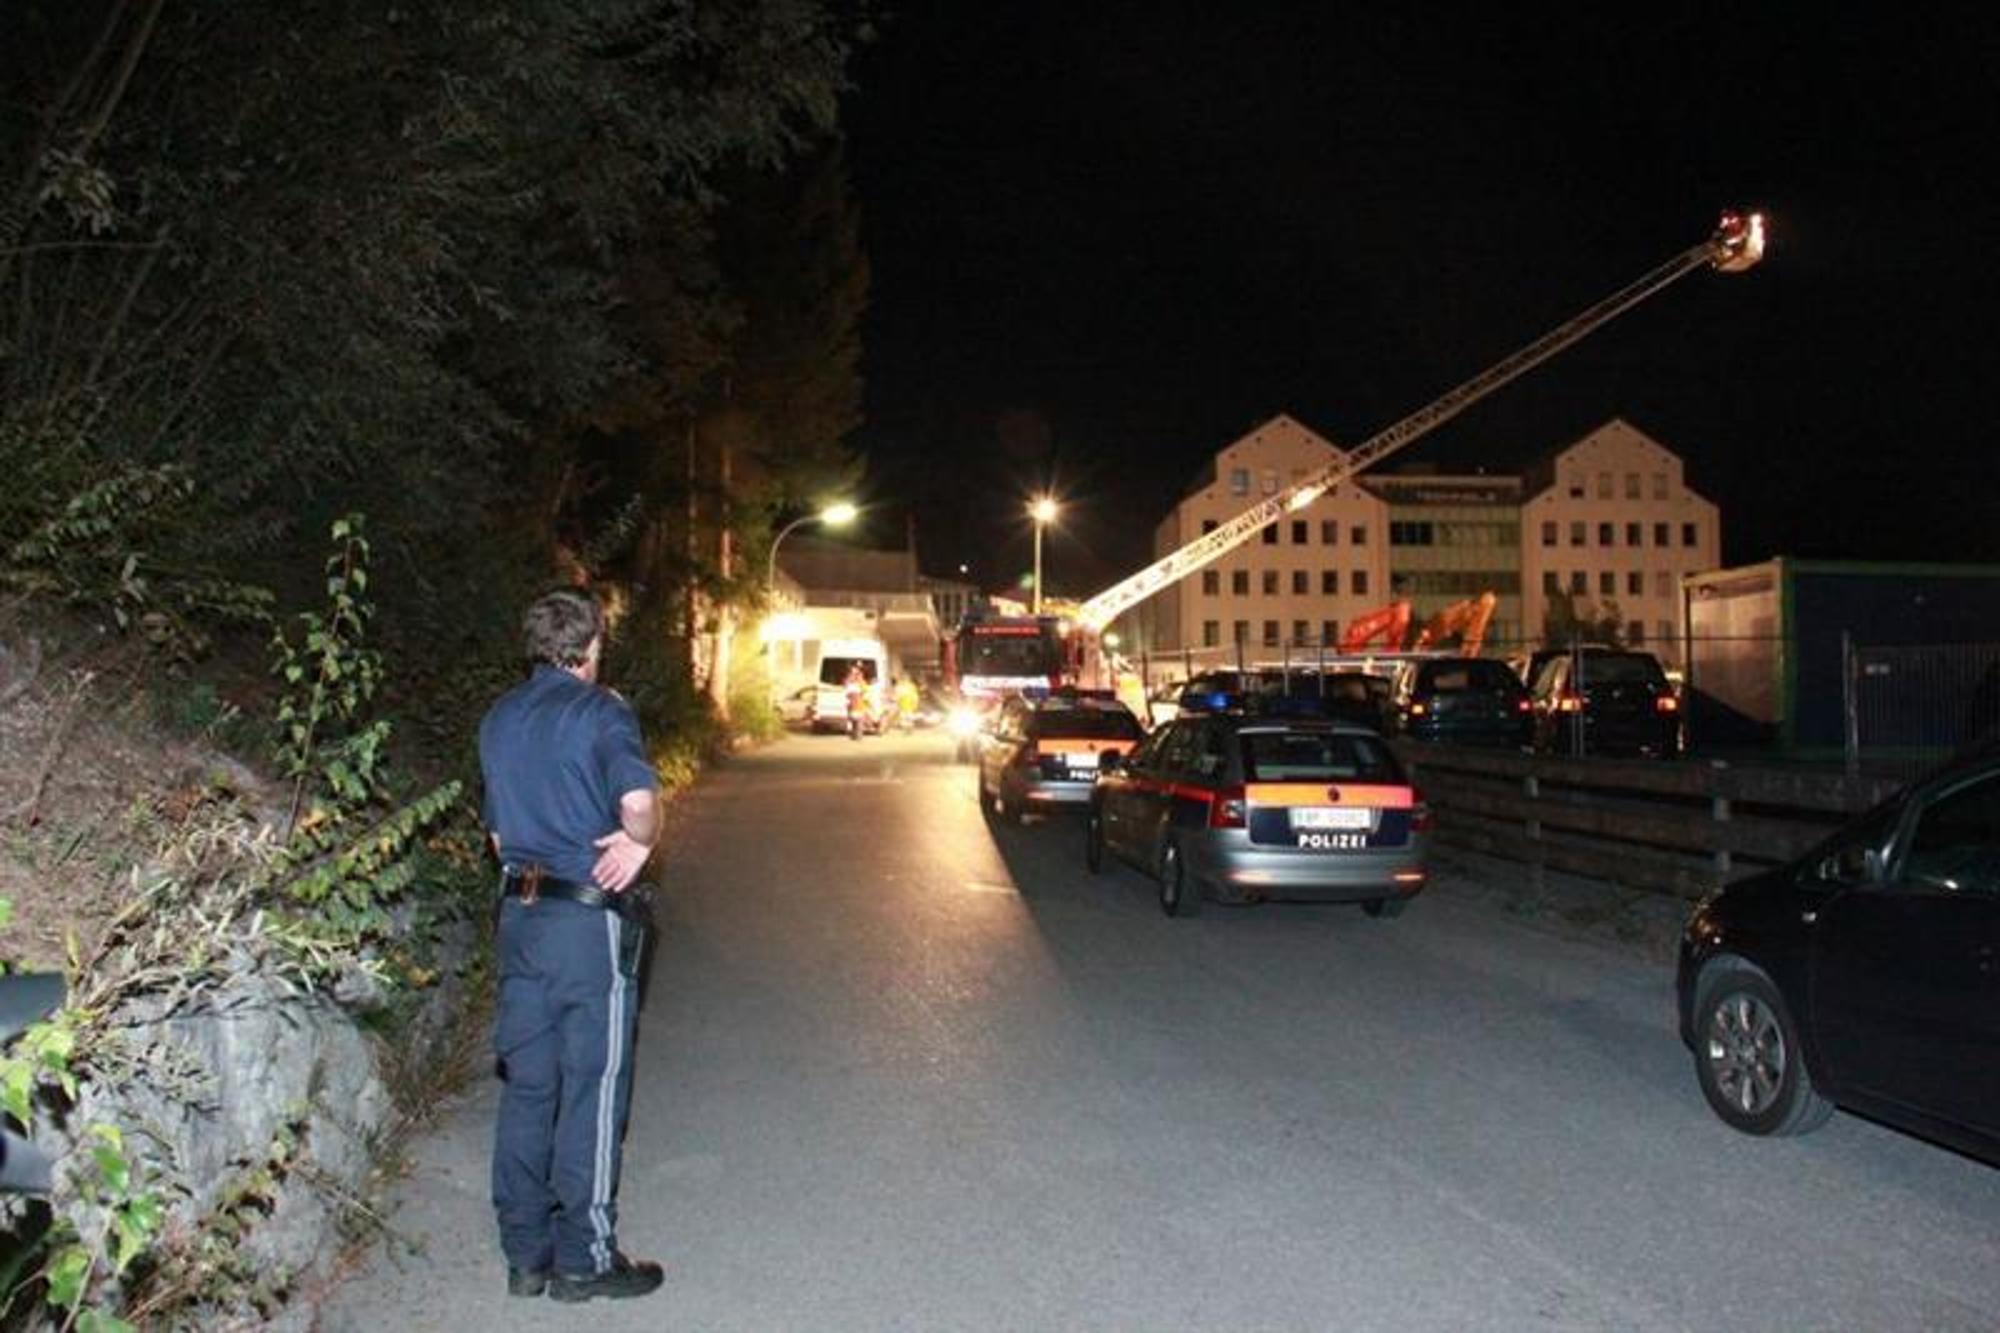 Termine Fotoklub Bischofshofen - davidebenjamin.com